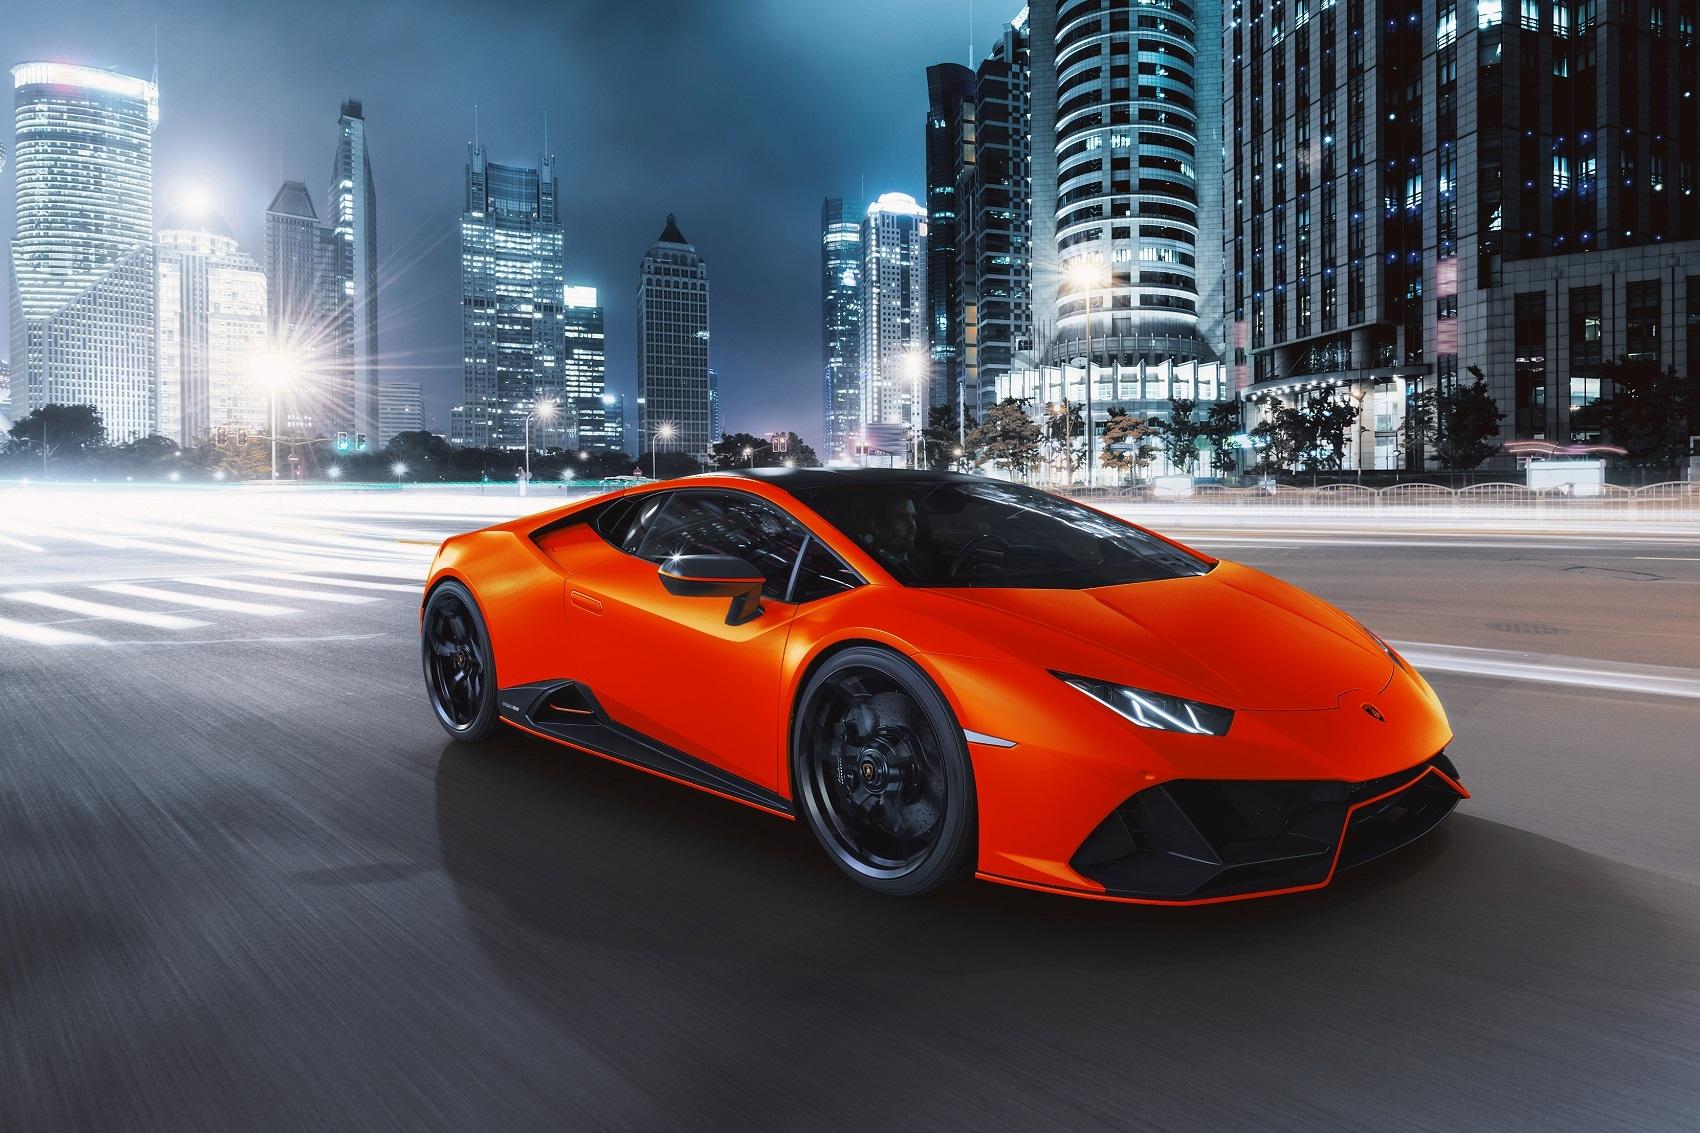 Automobili Lamborghini presents the Huracán EVO Fluo Capsule